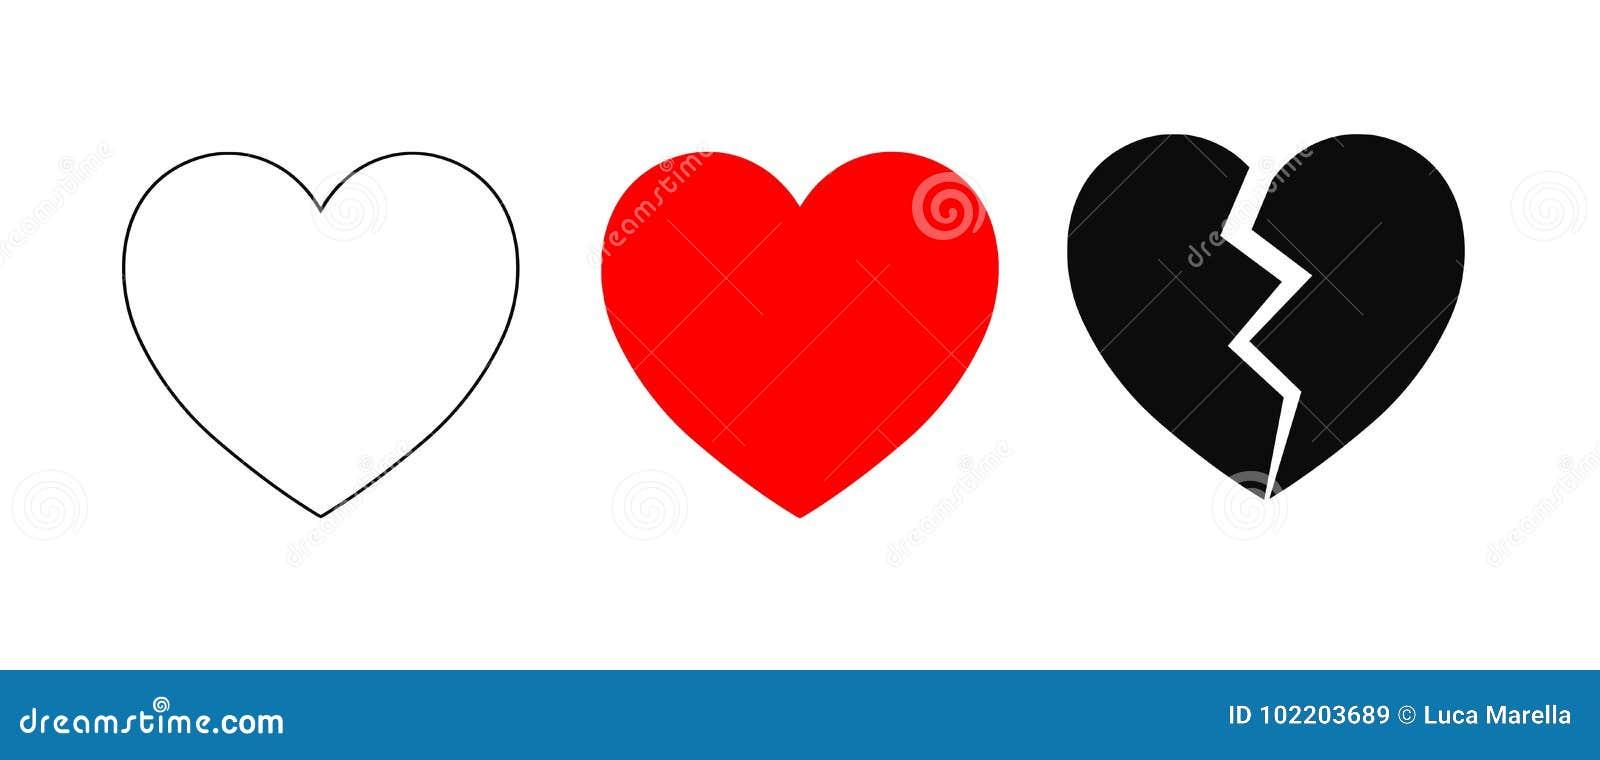 Iconos del corazón